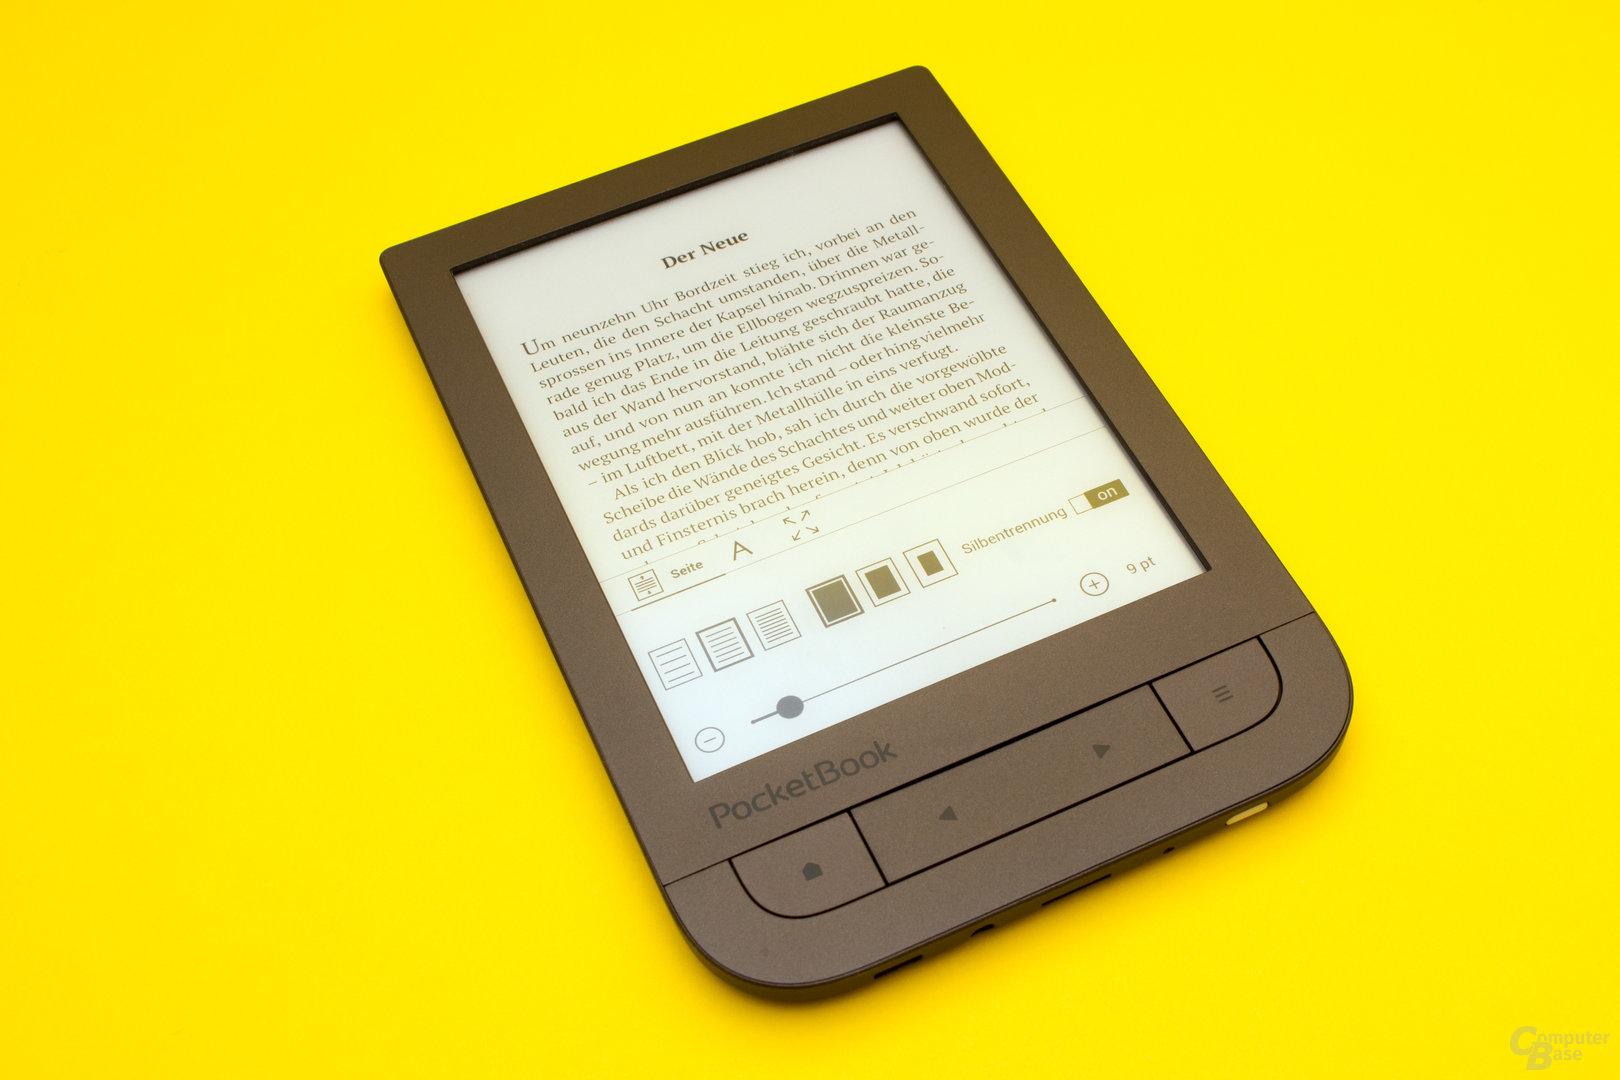 Solide Texteinstellungen beim neuen PocketBook-Reader